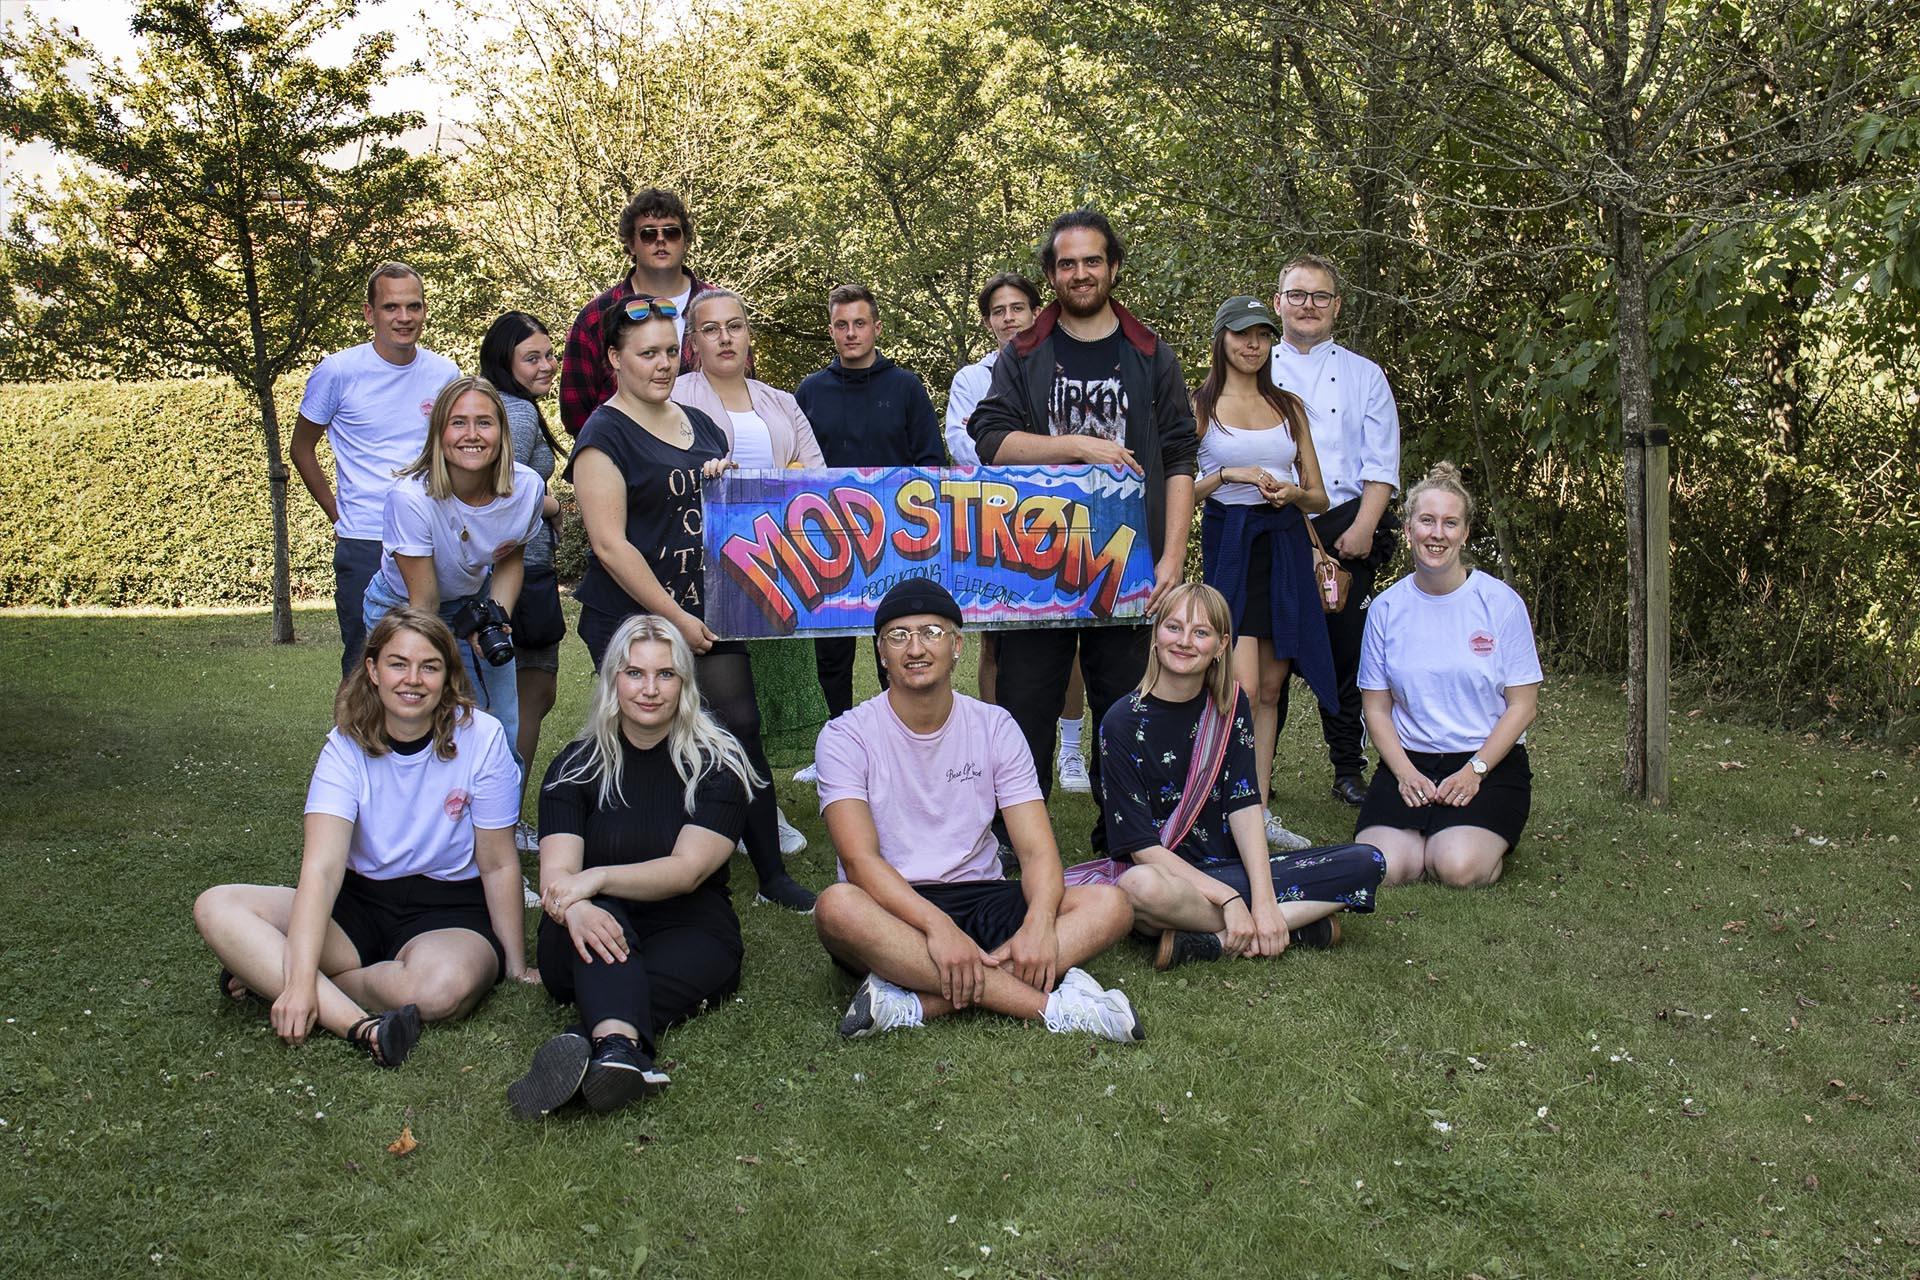 Fgu Aalborg har besøg af elevorganisationen Modstrøm